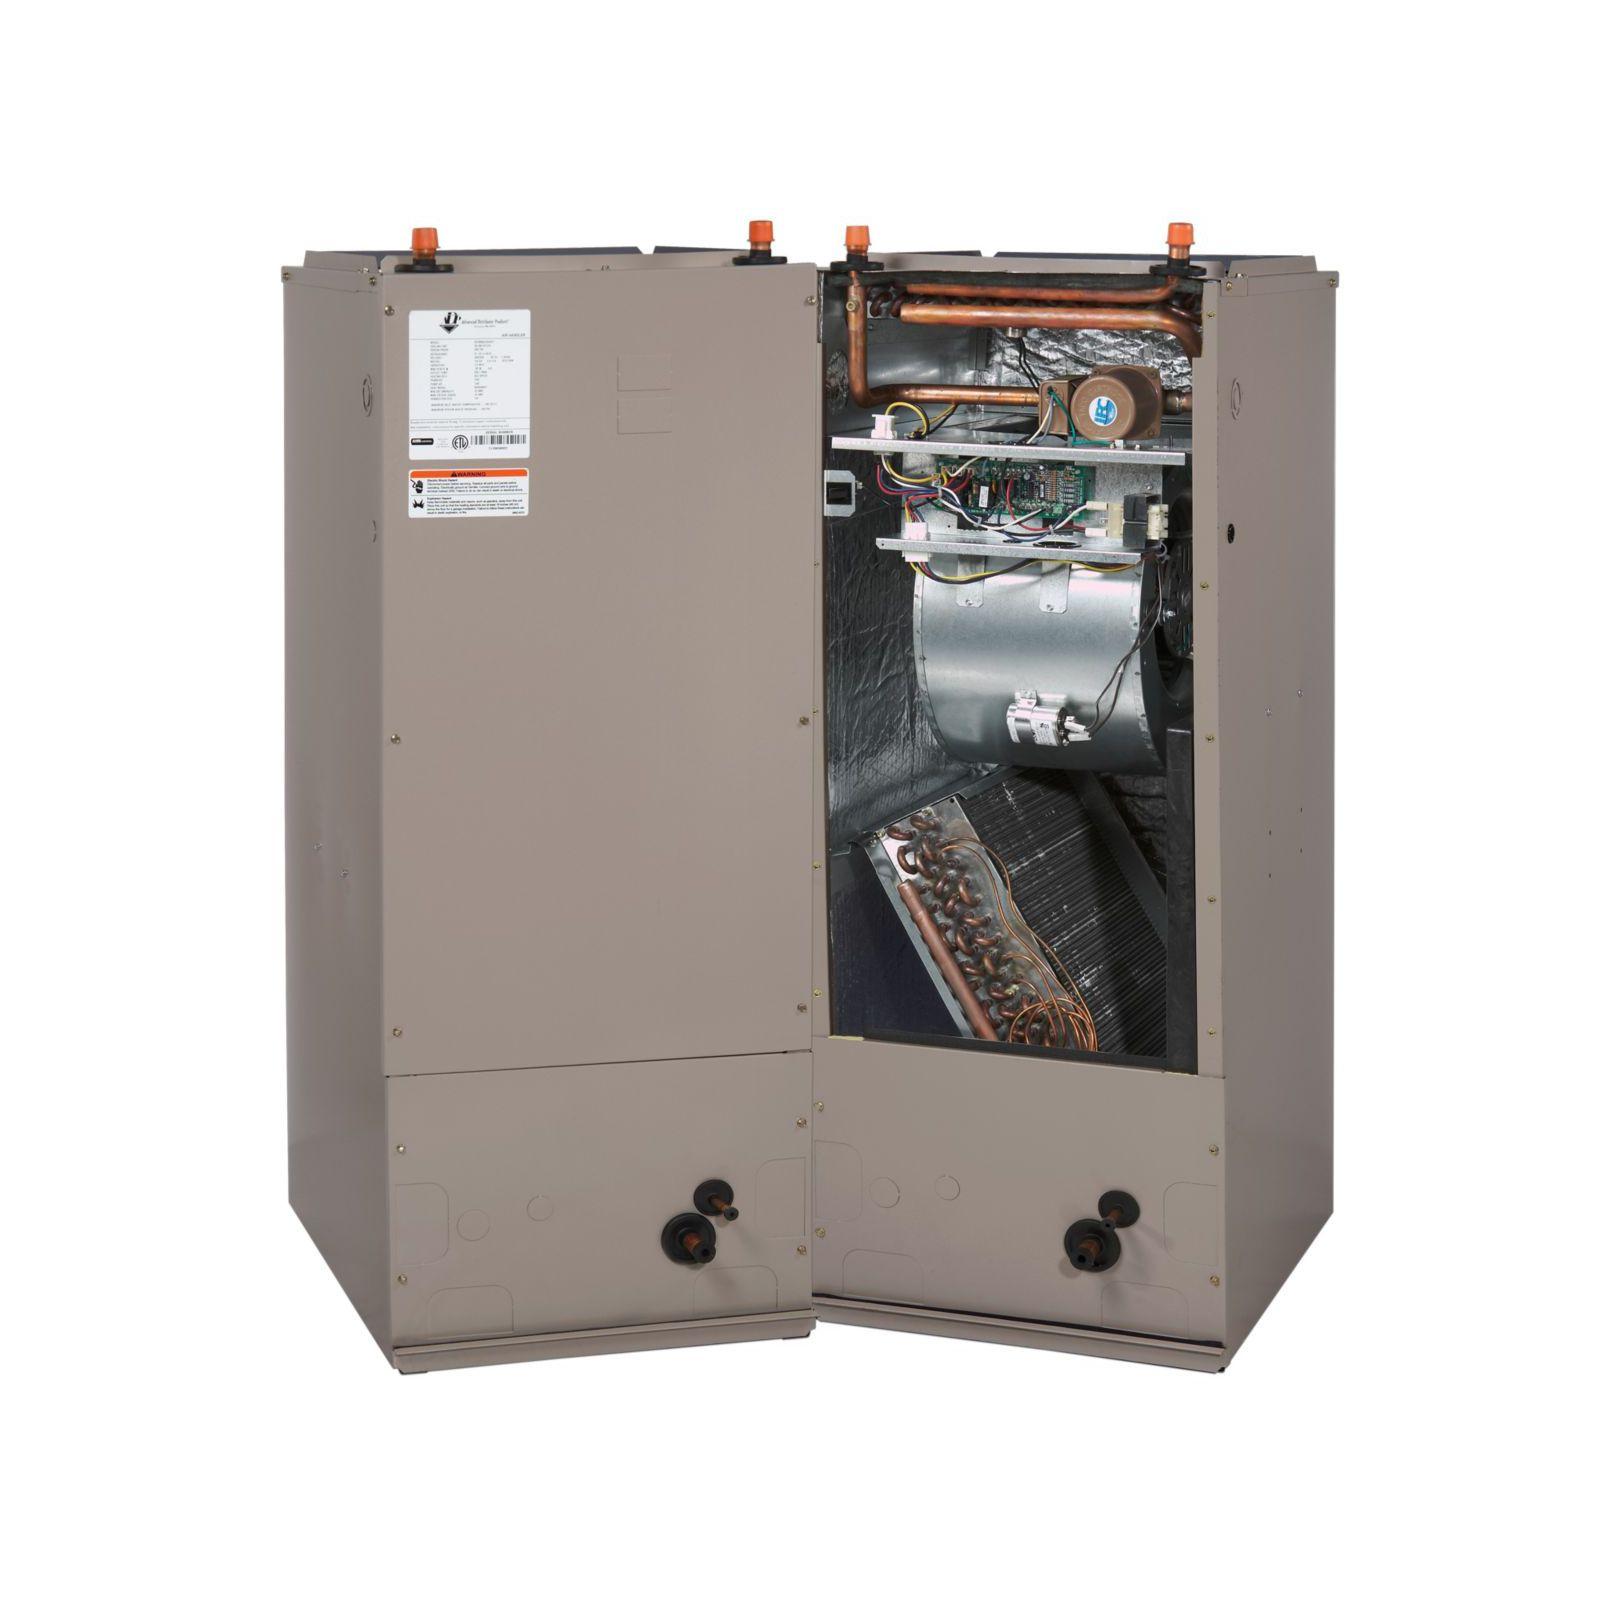 ADP BCRMA3624S3P3 - B Series Air Handler 2 Ton Copper Multi